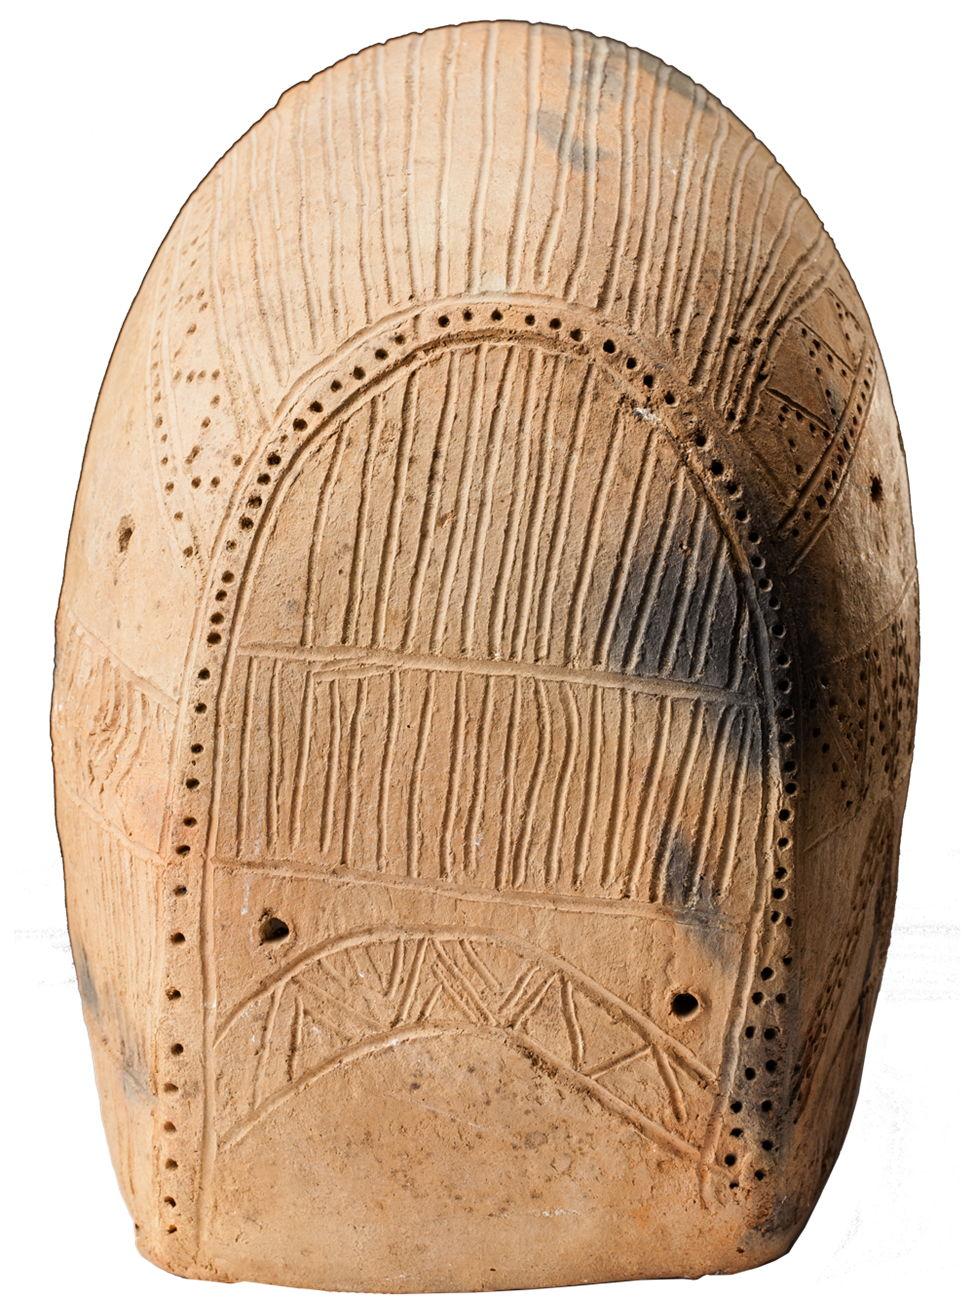 Модель повозки, середина III тыс. до н.э. Россия, Ставропольский край. Арзгирский район, Чограй VIII. Задняя часть.